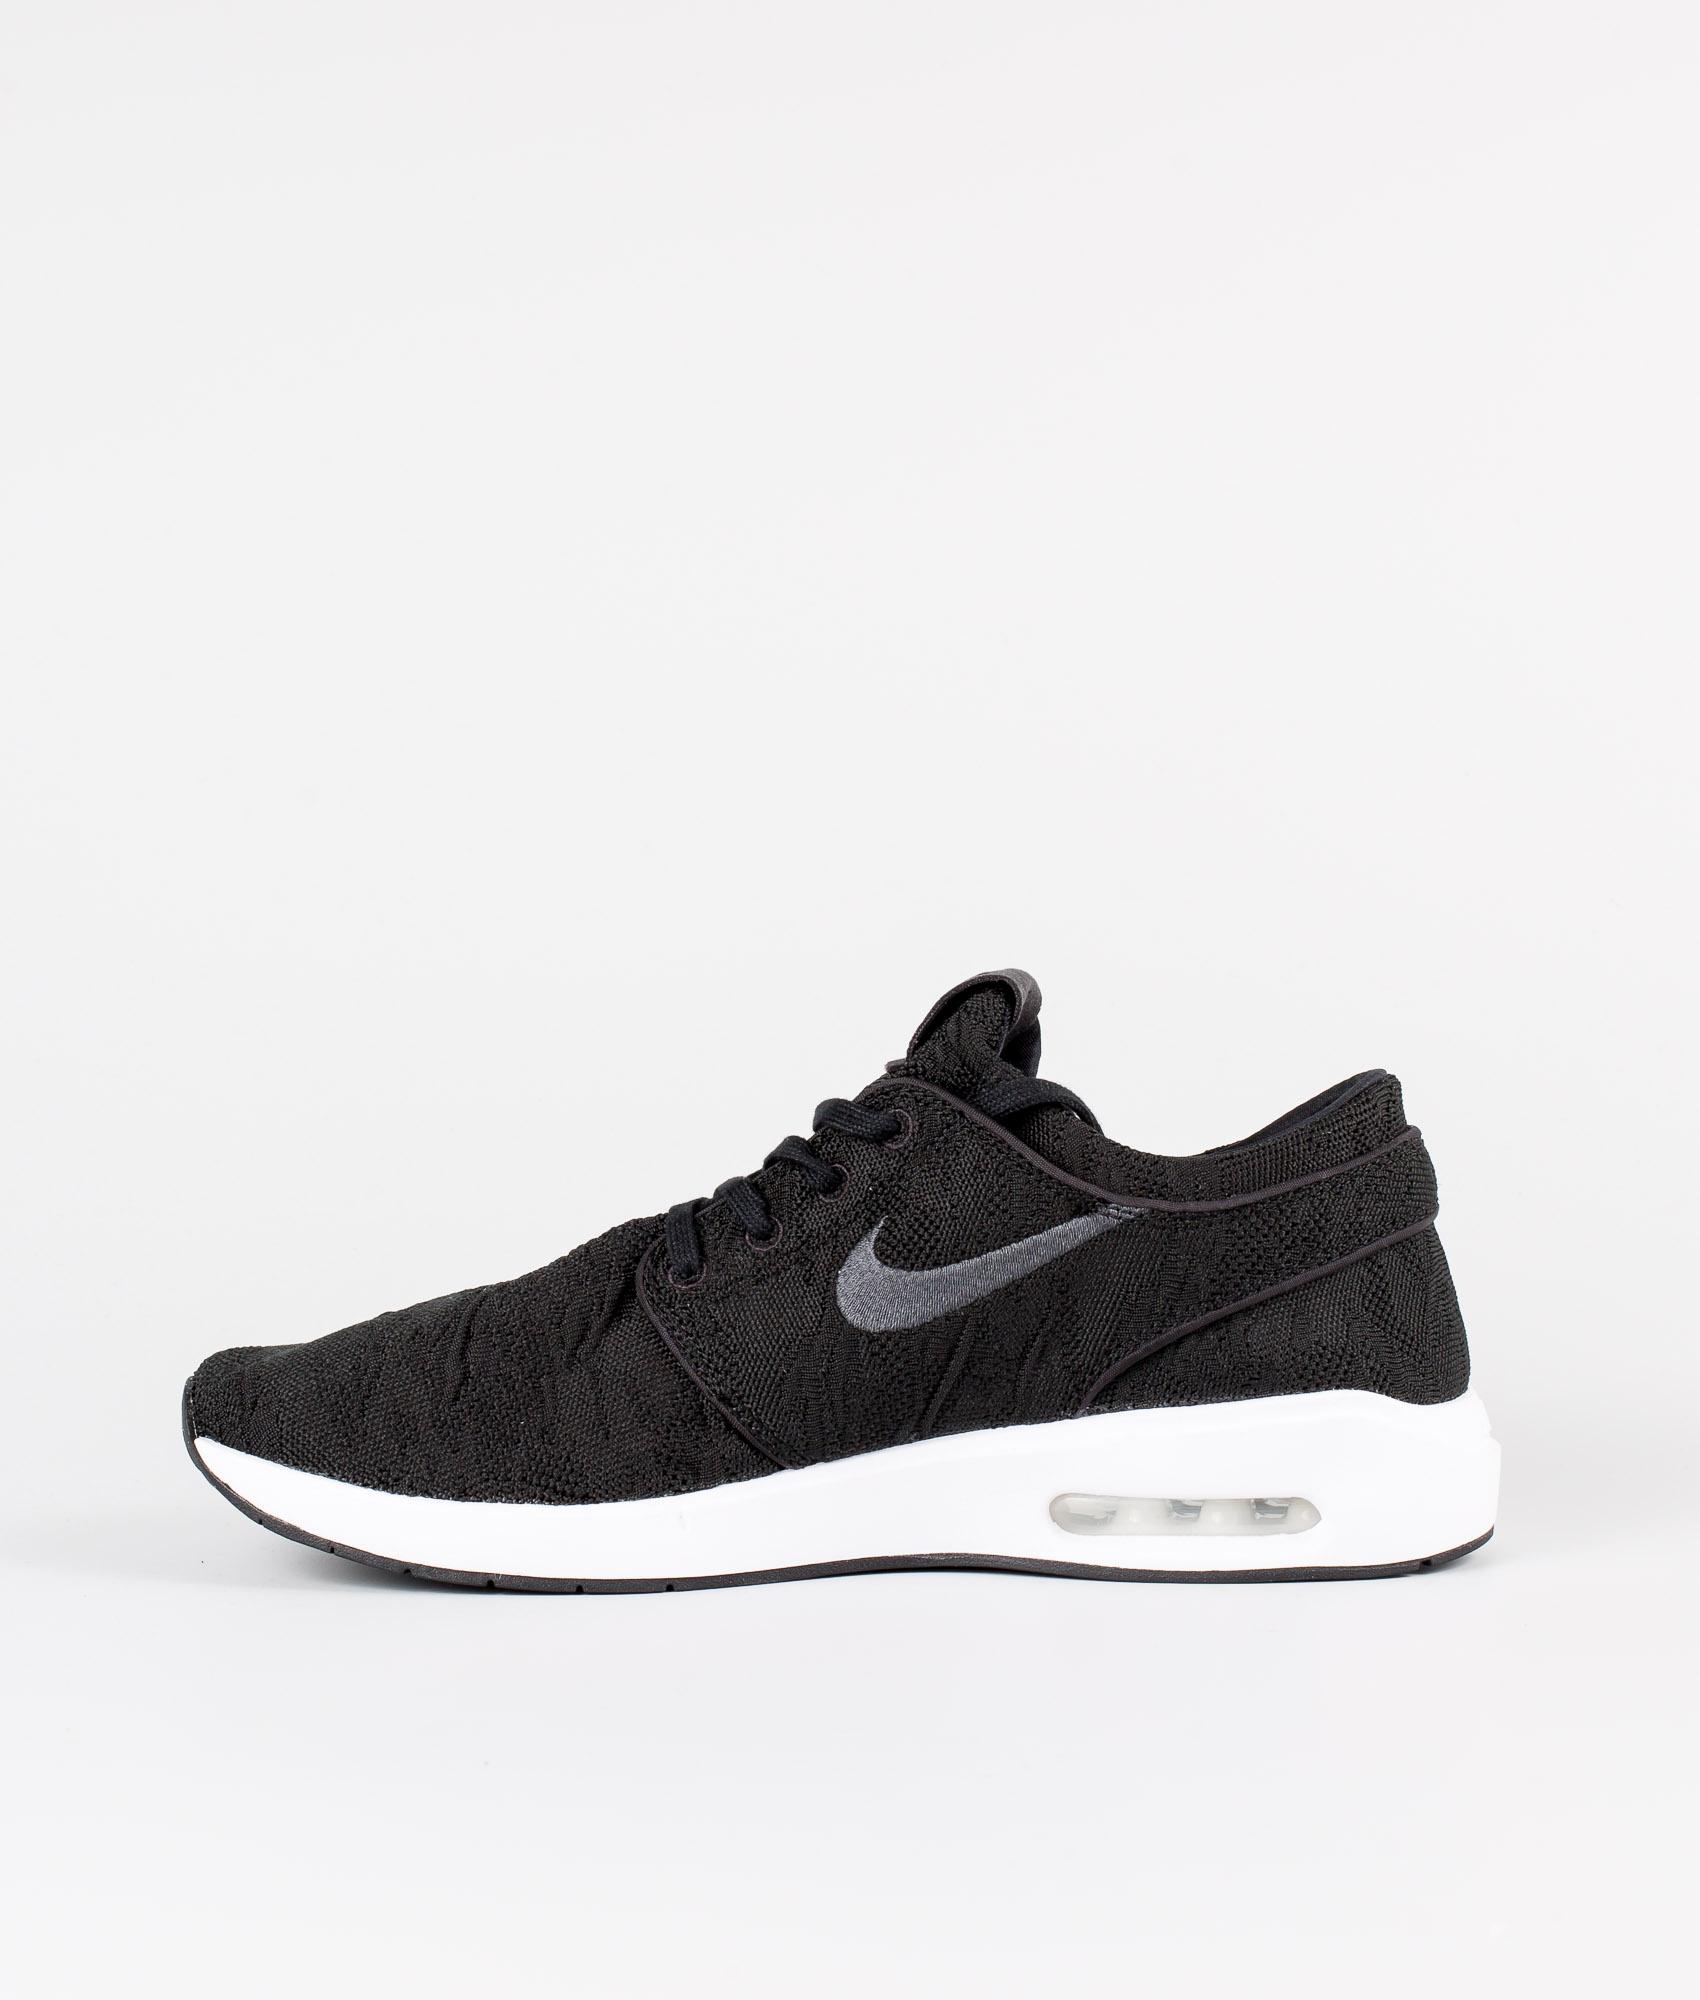 Nike SB Air Max Janoski 2 Schuhe BlackAnthracite White